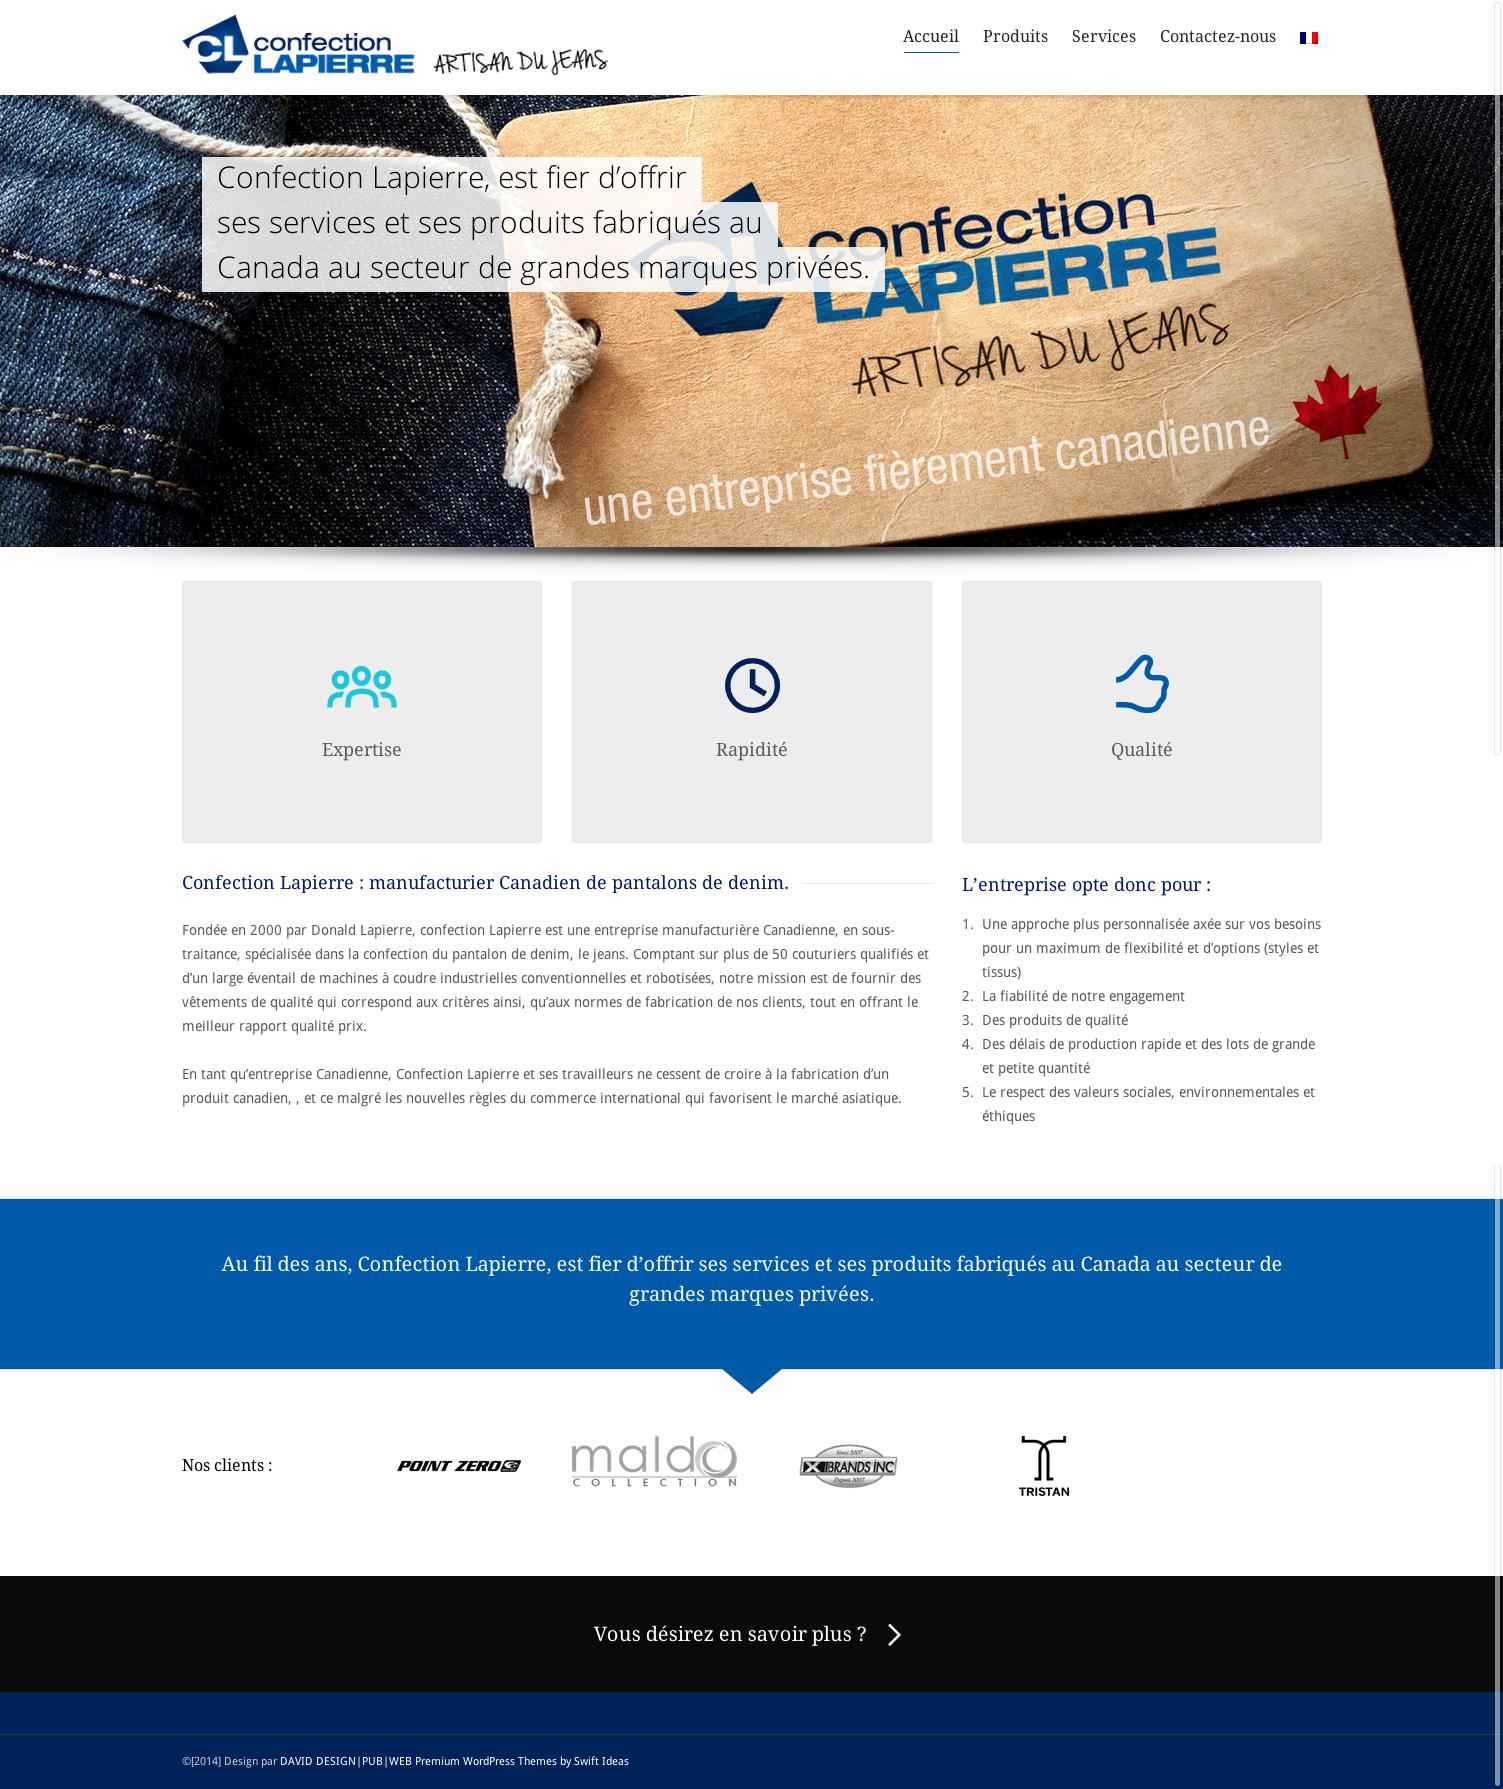 Page d'accueil du site Confection Lapierre